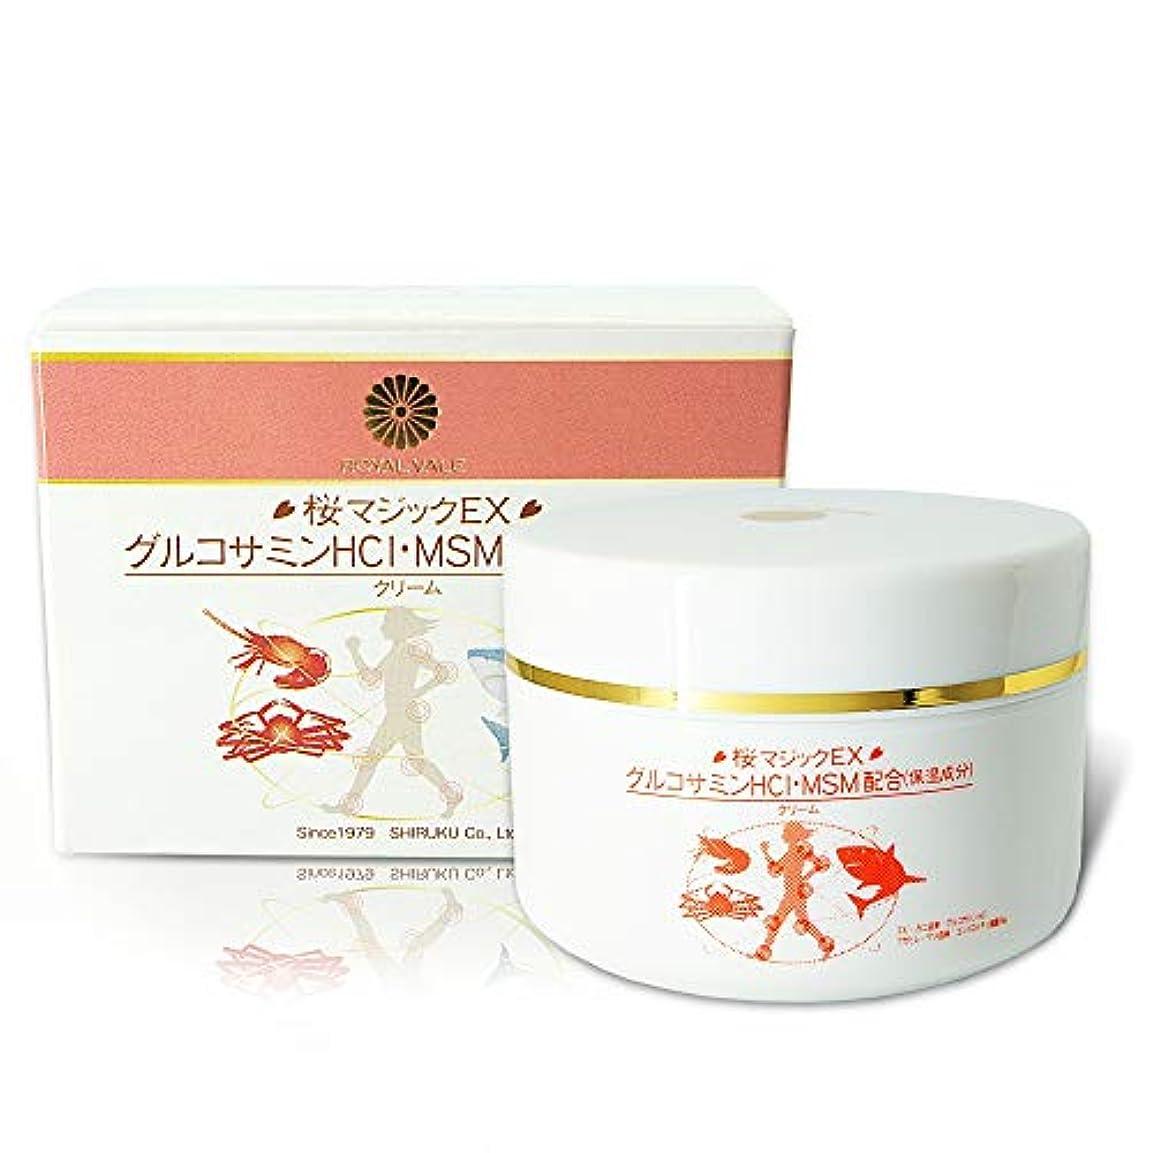 桜マジックEXクリ-ム 3個セット